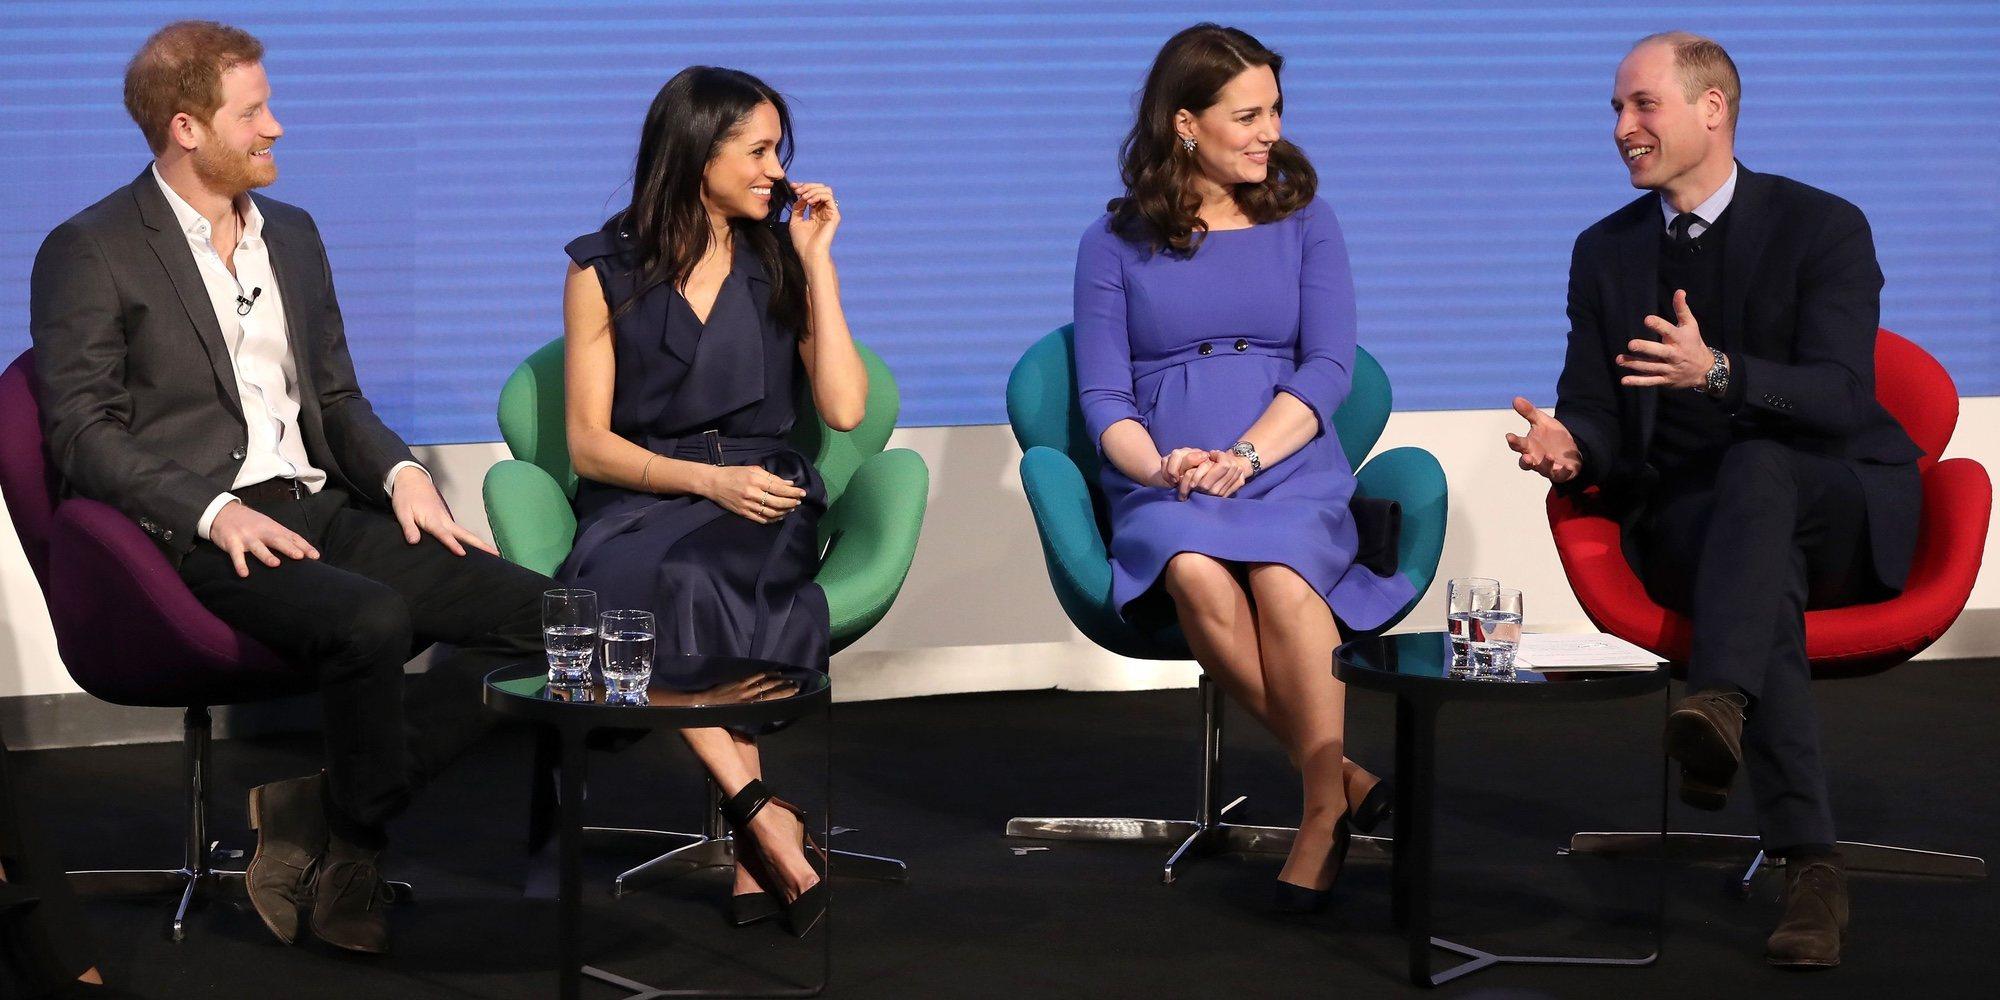 Los 4 fantásticos: Meghan Markle se une a los Duques de Cambridge y el Príncipe Harry en el Royal Foundation Forum